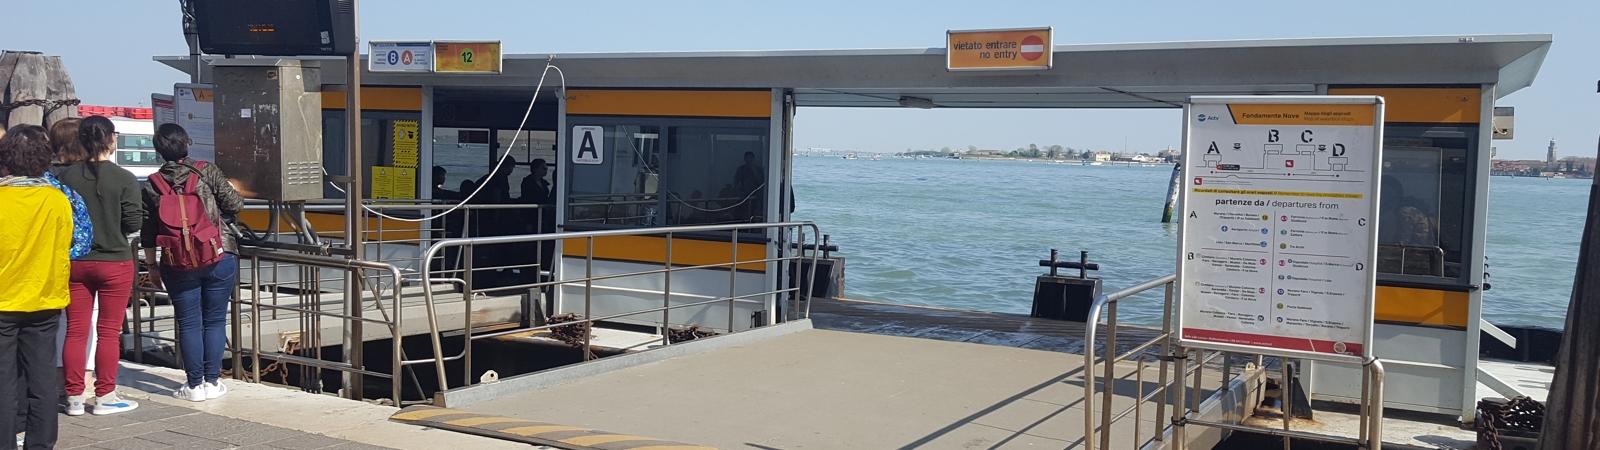 indagini di carico, sulla domanda e mystery client sui sistemi di trasporto marittimi e lacuali